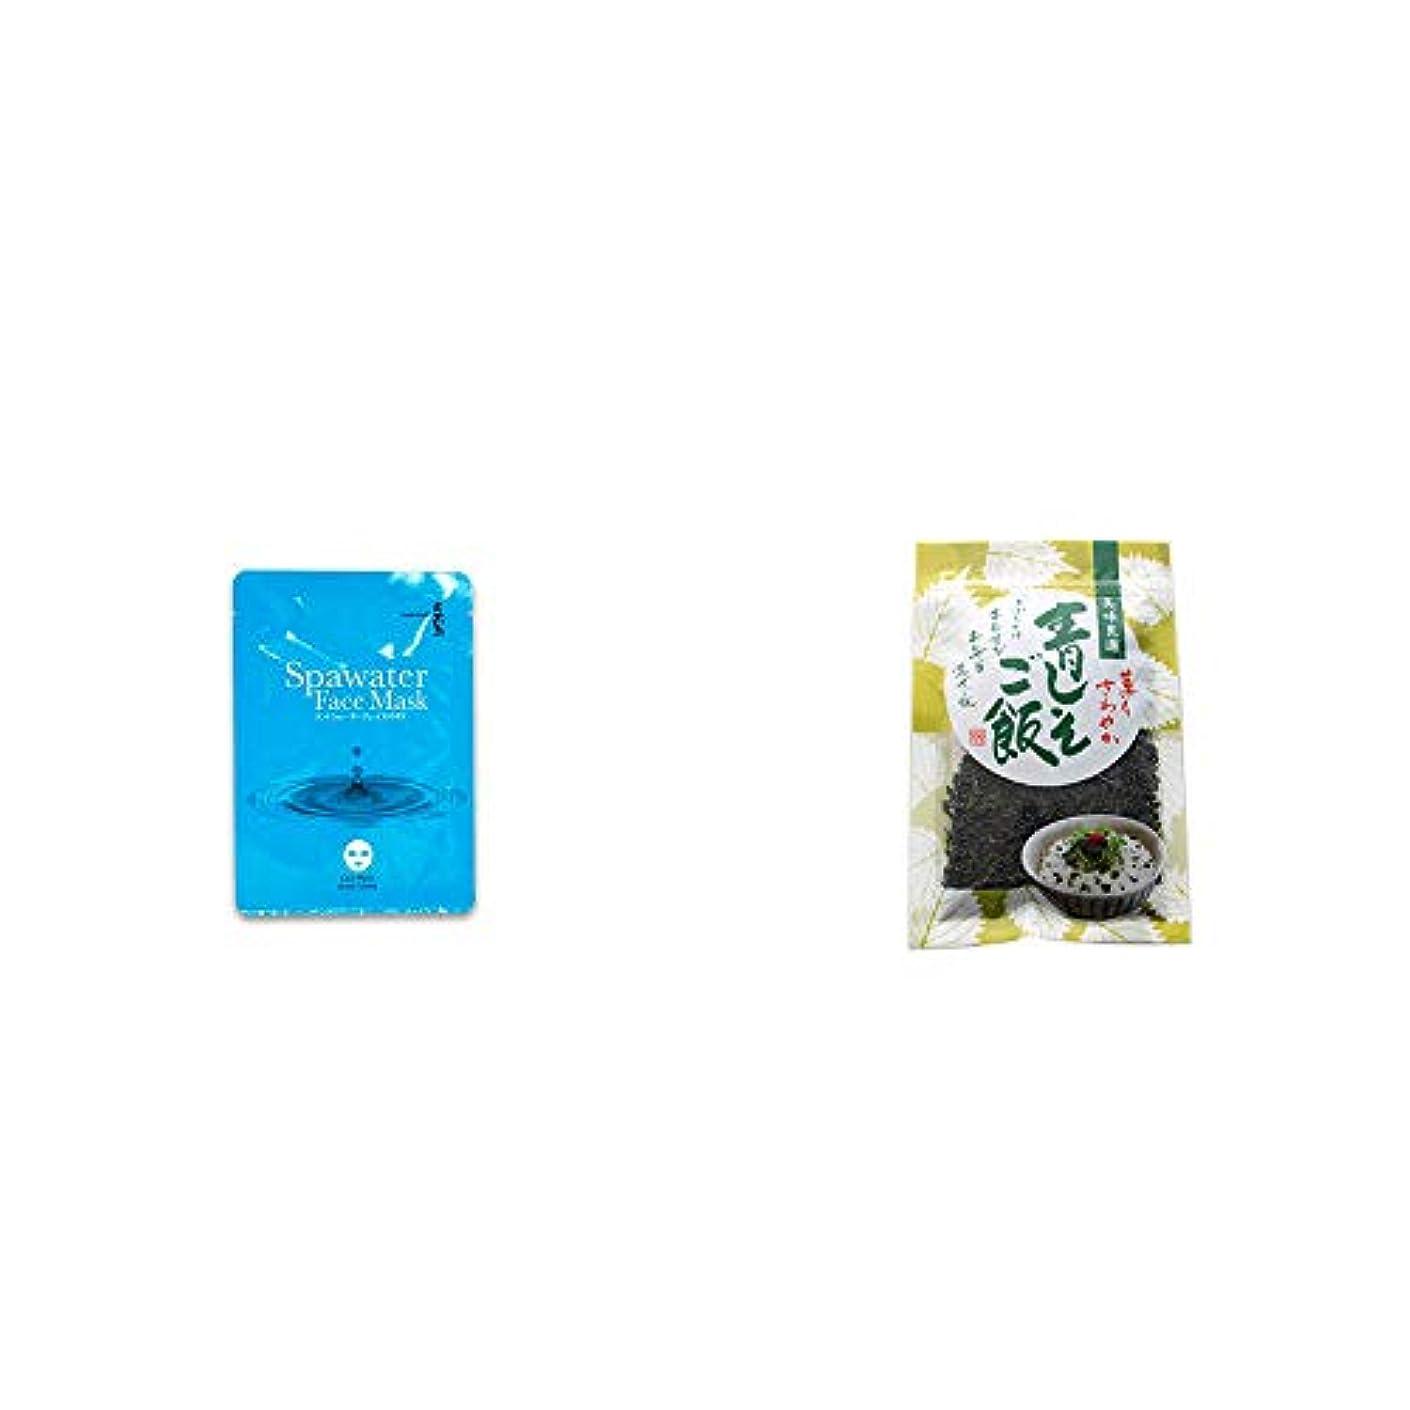 [2点セット] ひのき炭黒泉 スパウォーターフェイスマスク(18ml×3枚入)?薫りさわやか 青しそご飯(80g)